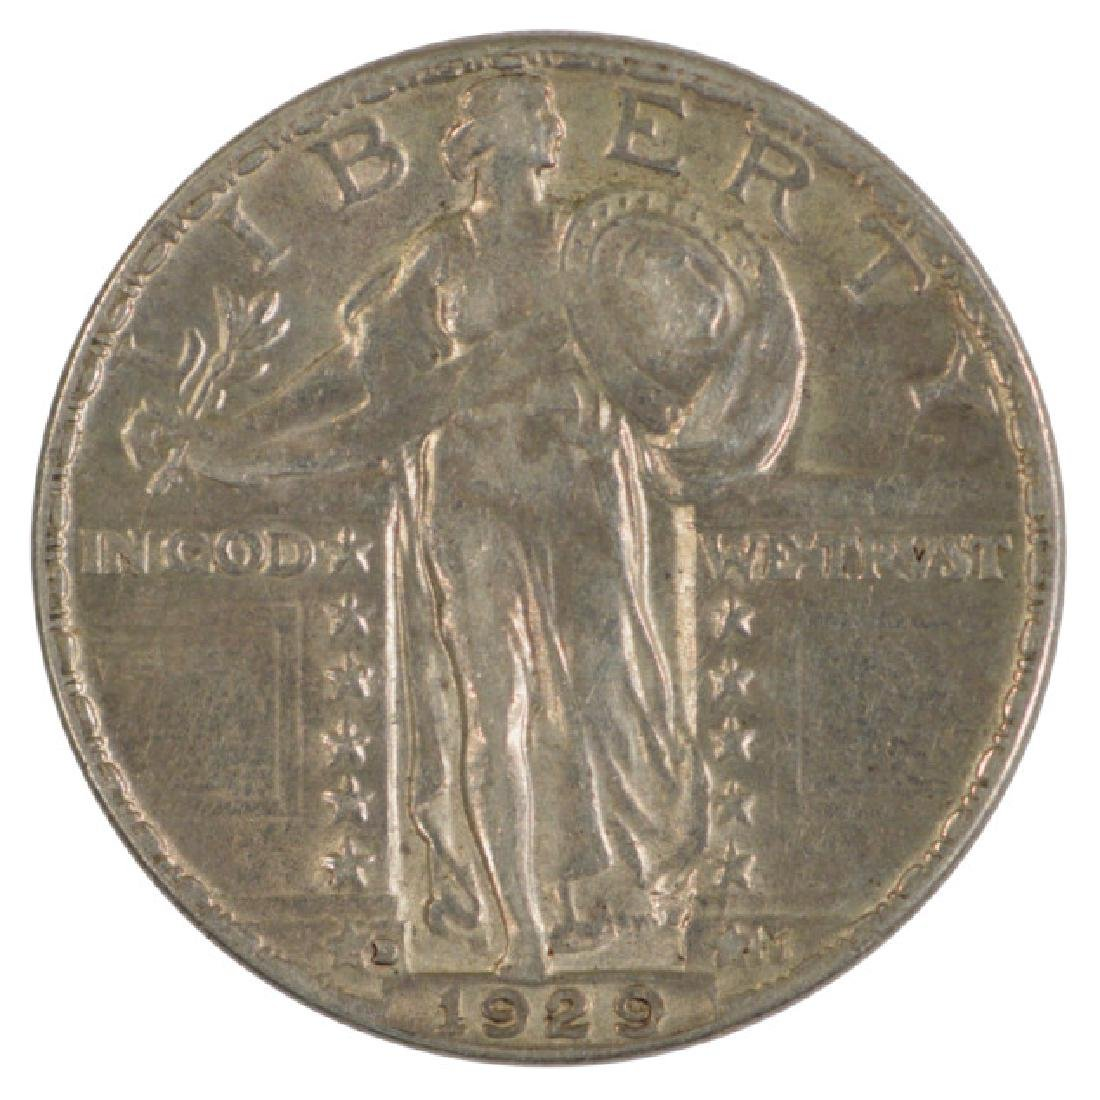 1929-D Standing Liberty Quarter Coin